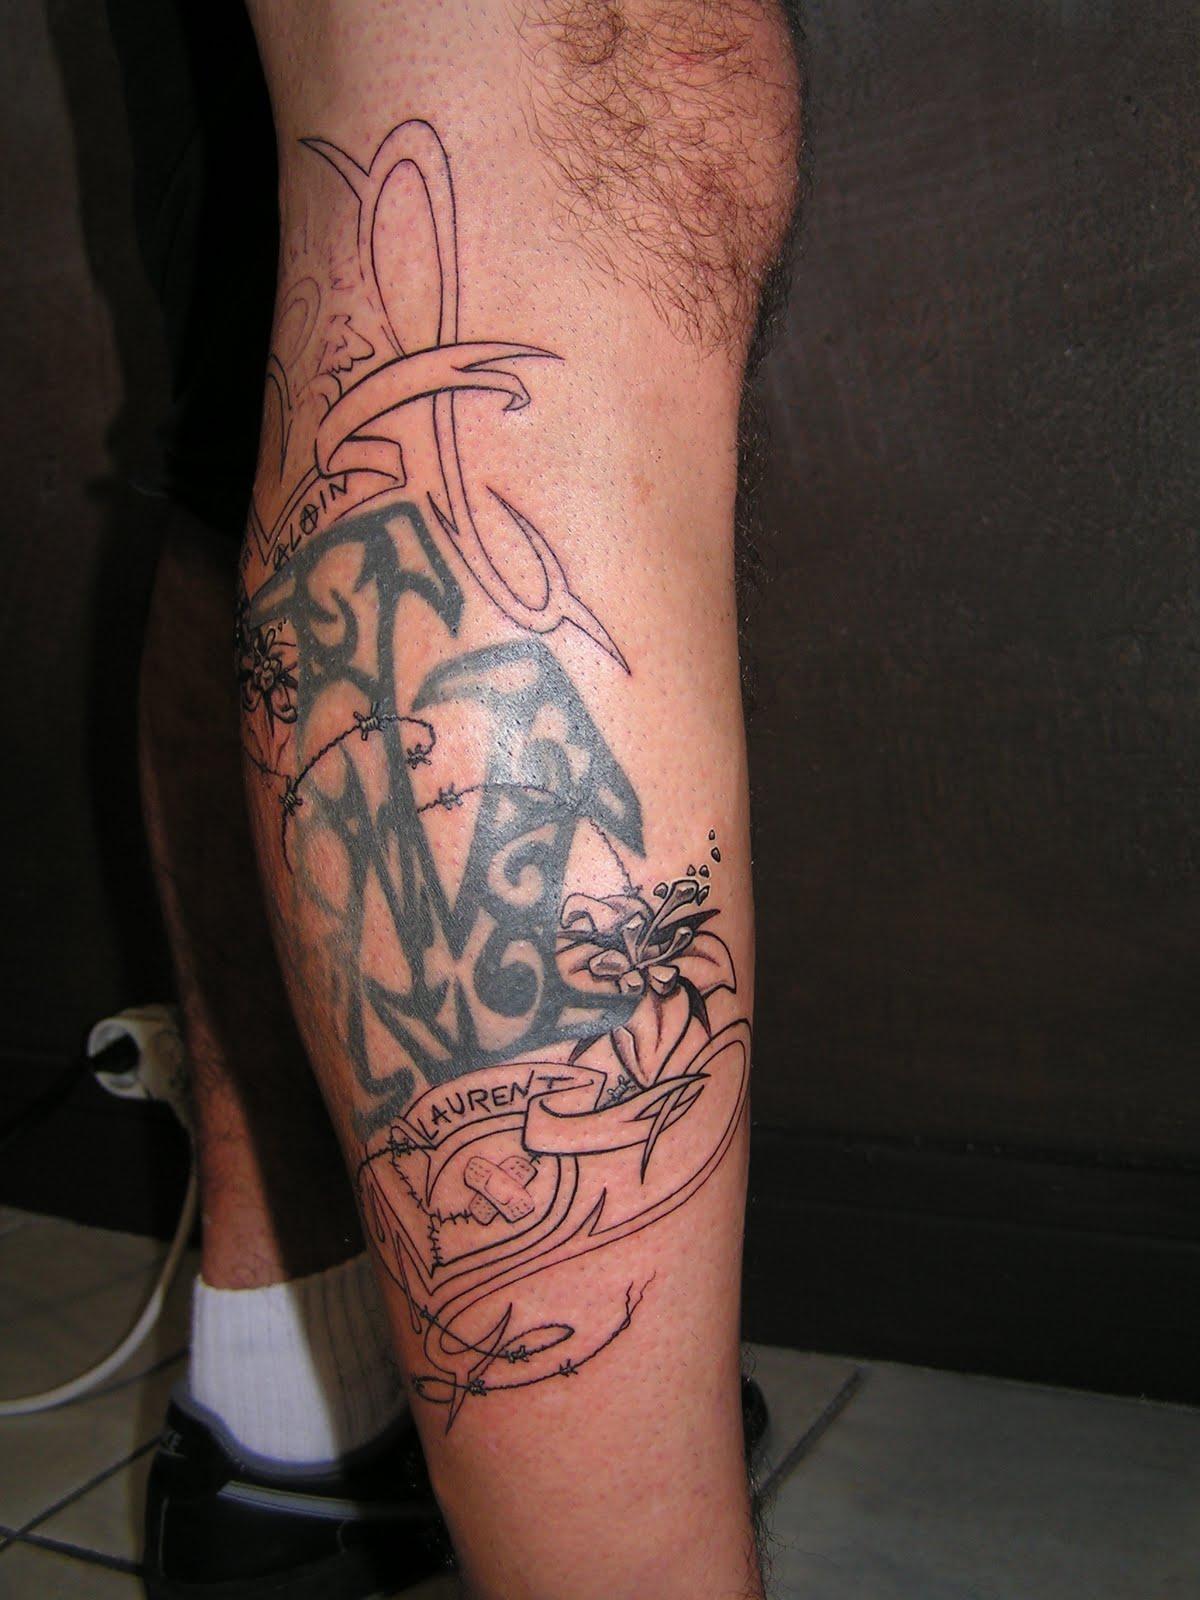 http://4.bp.blogspot.com/-8Ww6NhnR5pE/Tkt30eYOF3I/AAAAAAAAAKQ/gIVoT0irFow/s1600/PICT0492.JPG